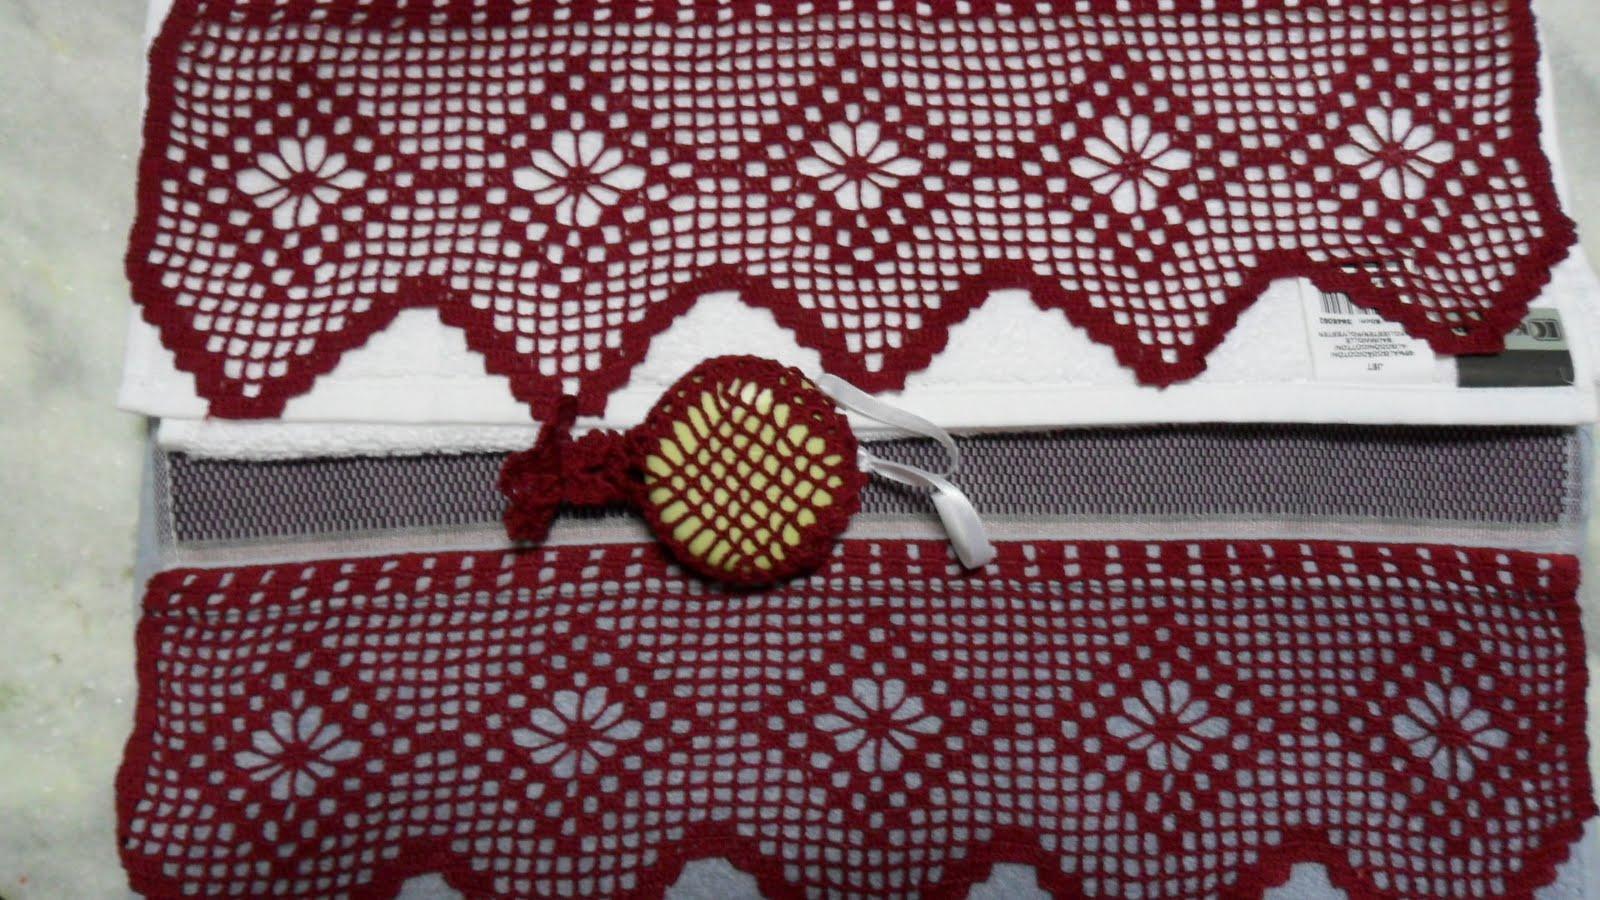 Mundo Encantado do Artesanato: Bico de crochê para toalha de banho